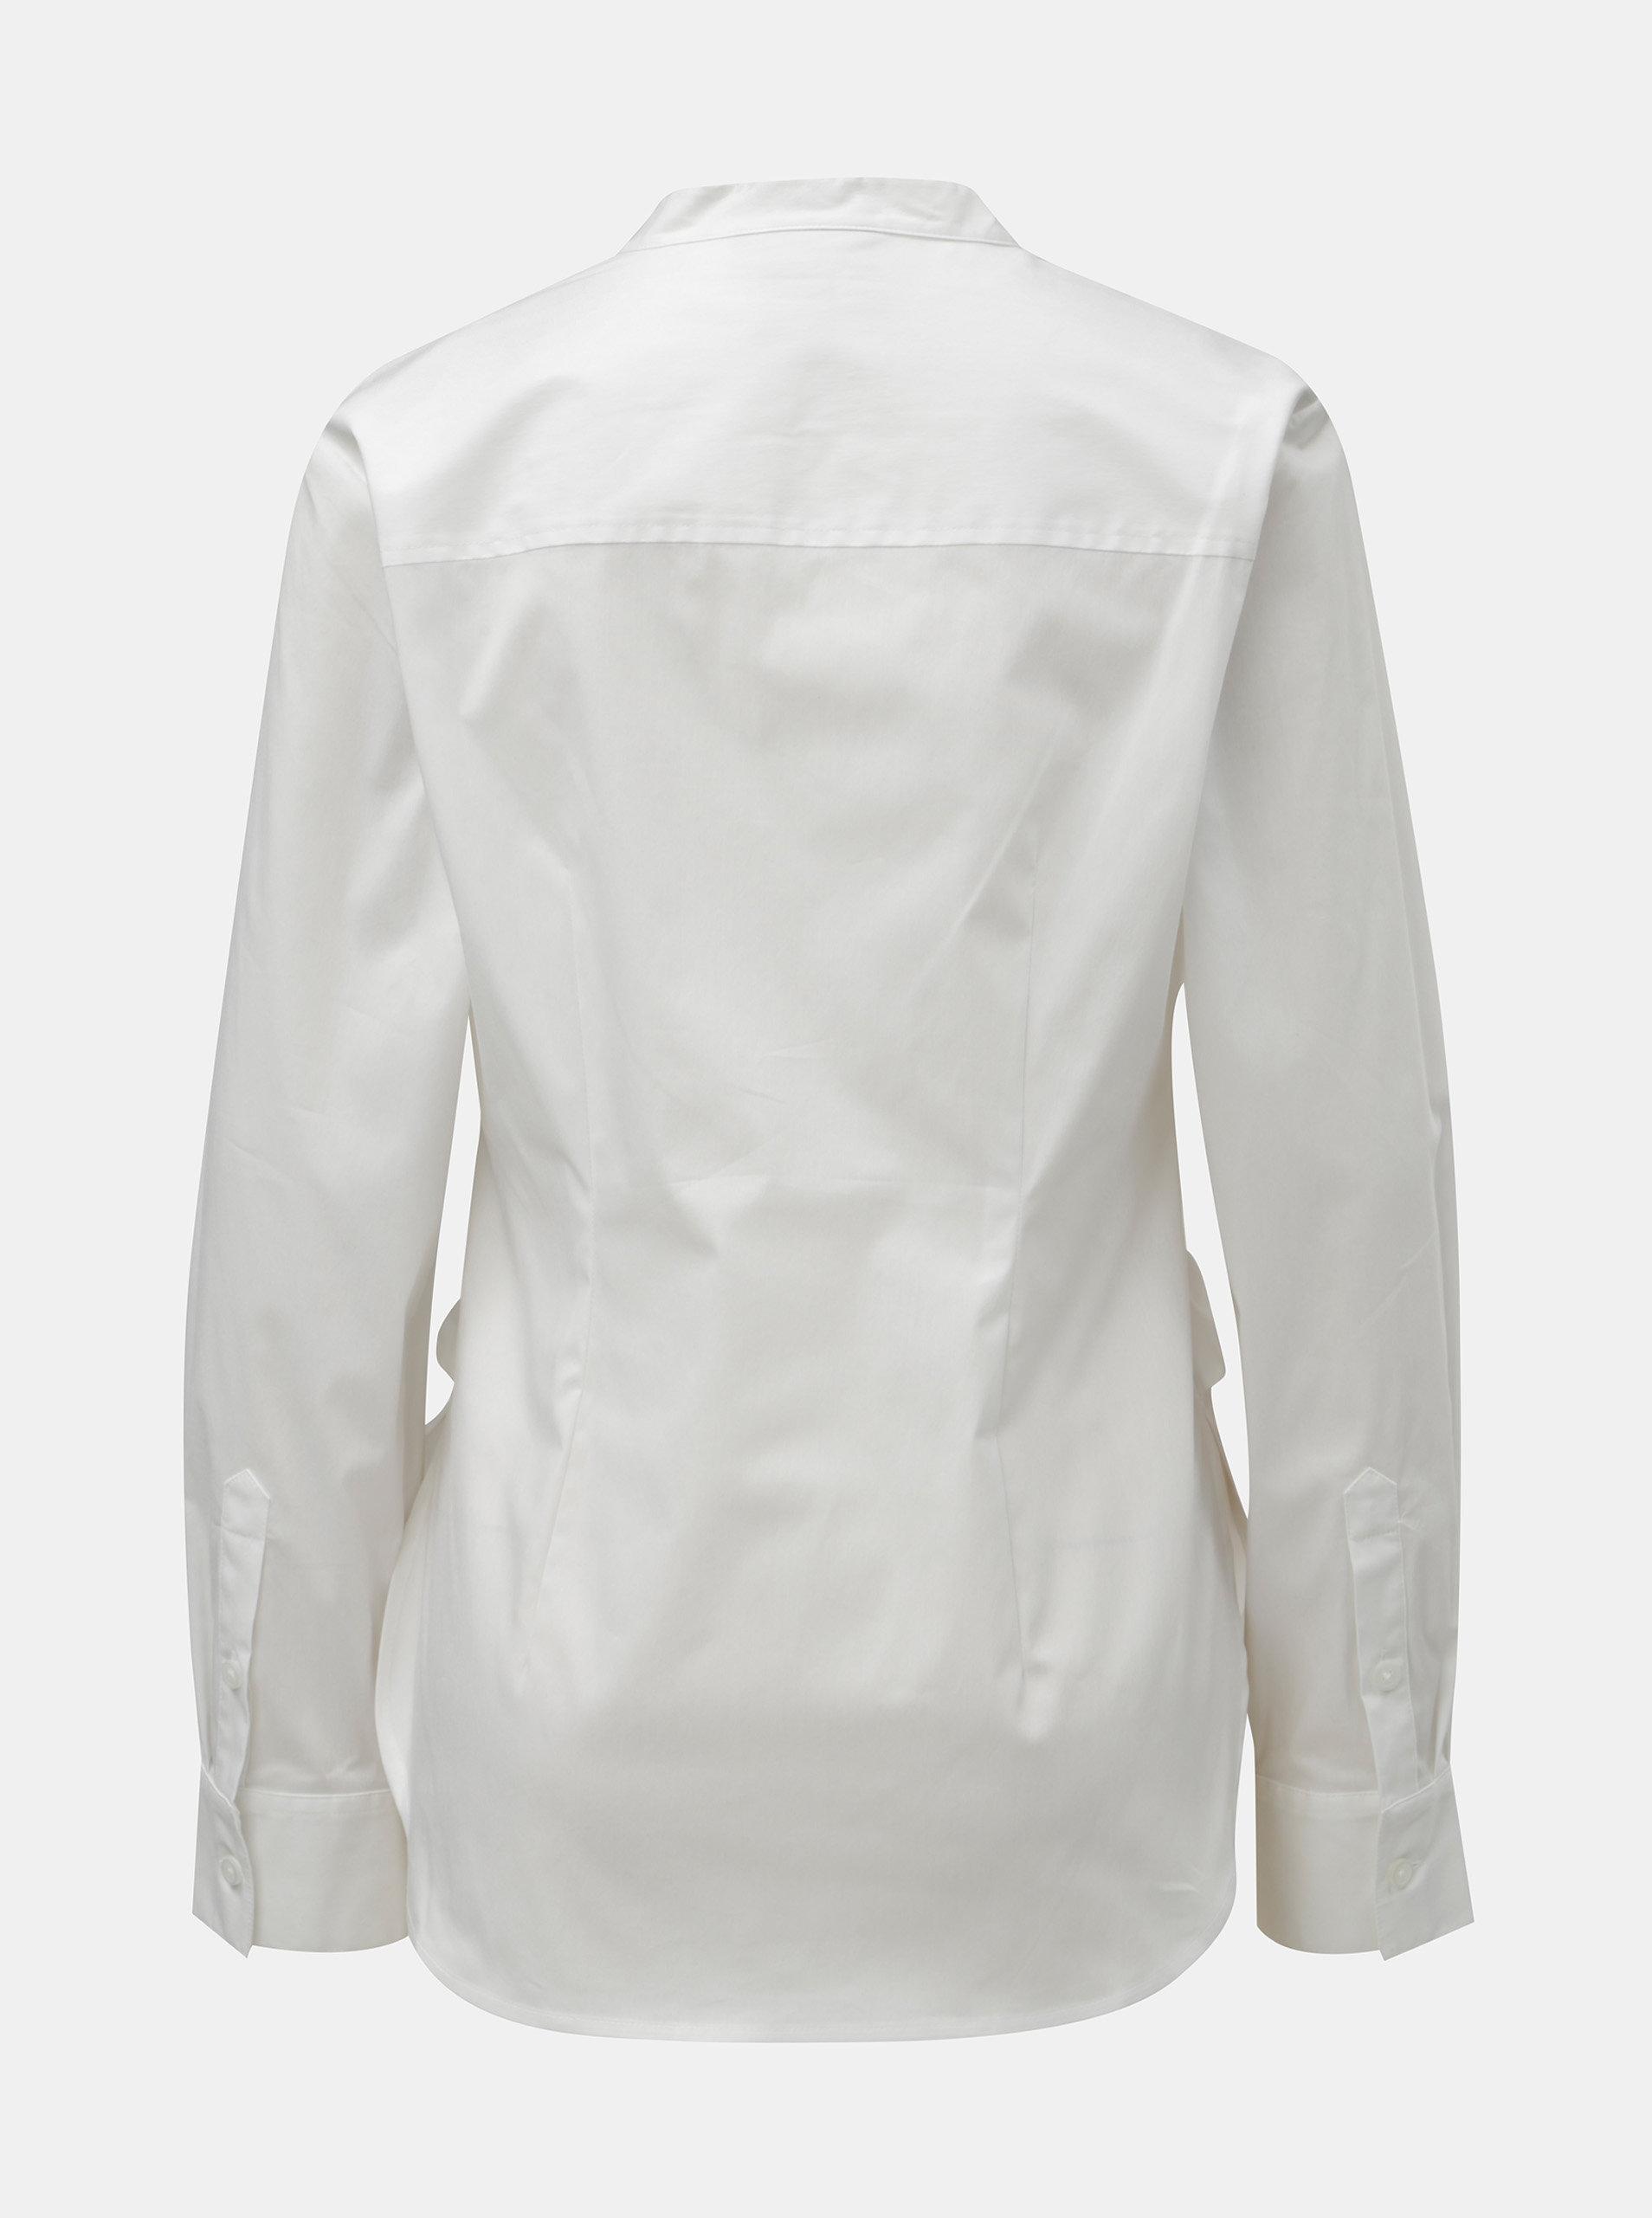 2bf2b26c23f7 Biela košeľa s mašľou DKNY Mandarin Collar ...